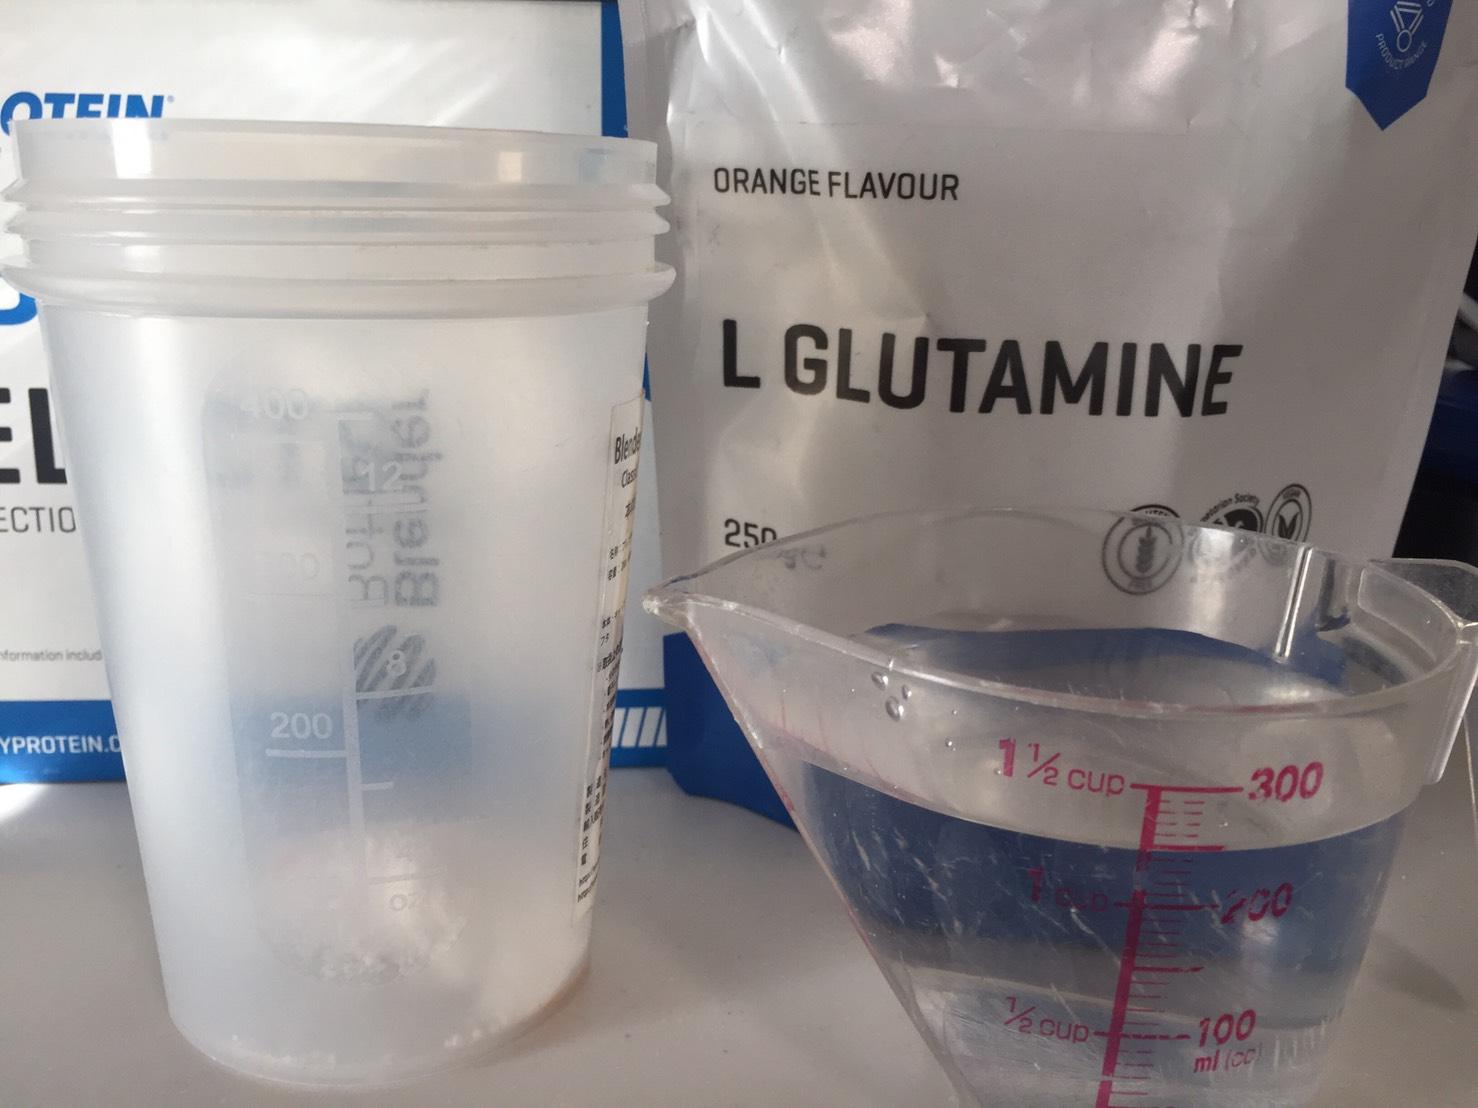 L-グルタミン「ORANGE FLAVOUR(オレンジ味)」を250mlの水に溶かします。